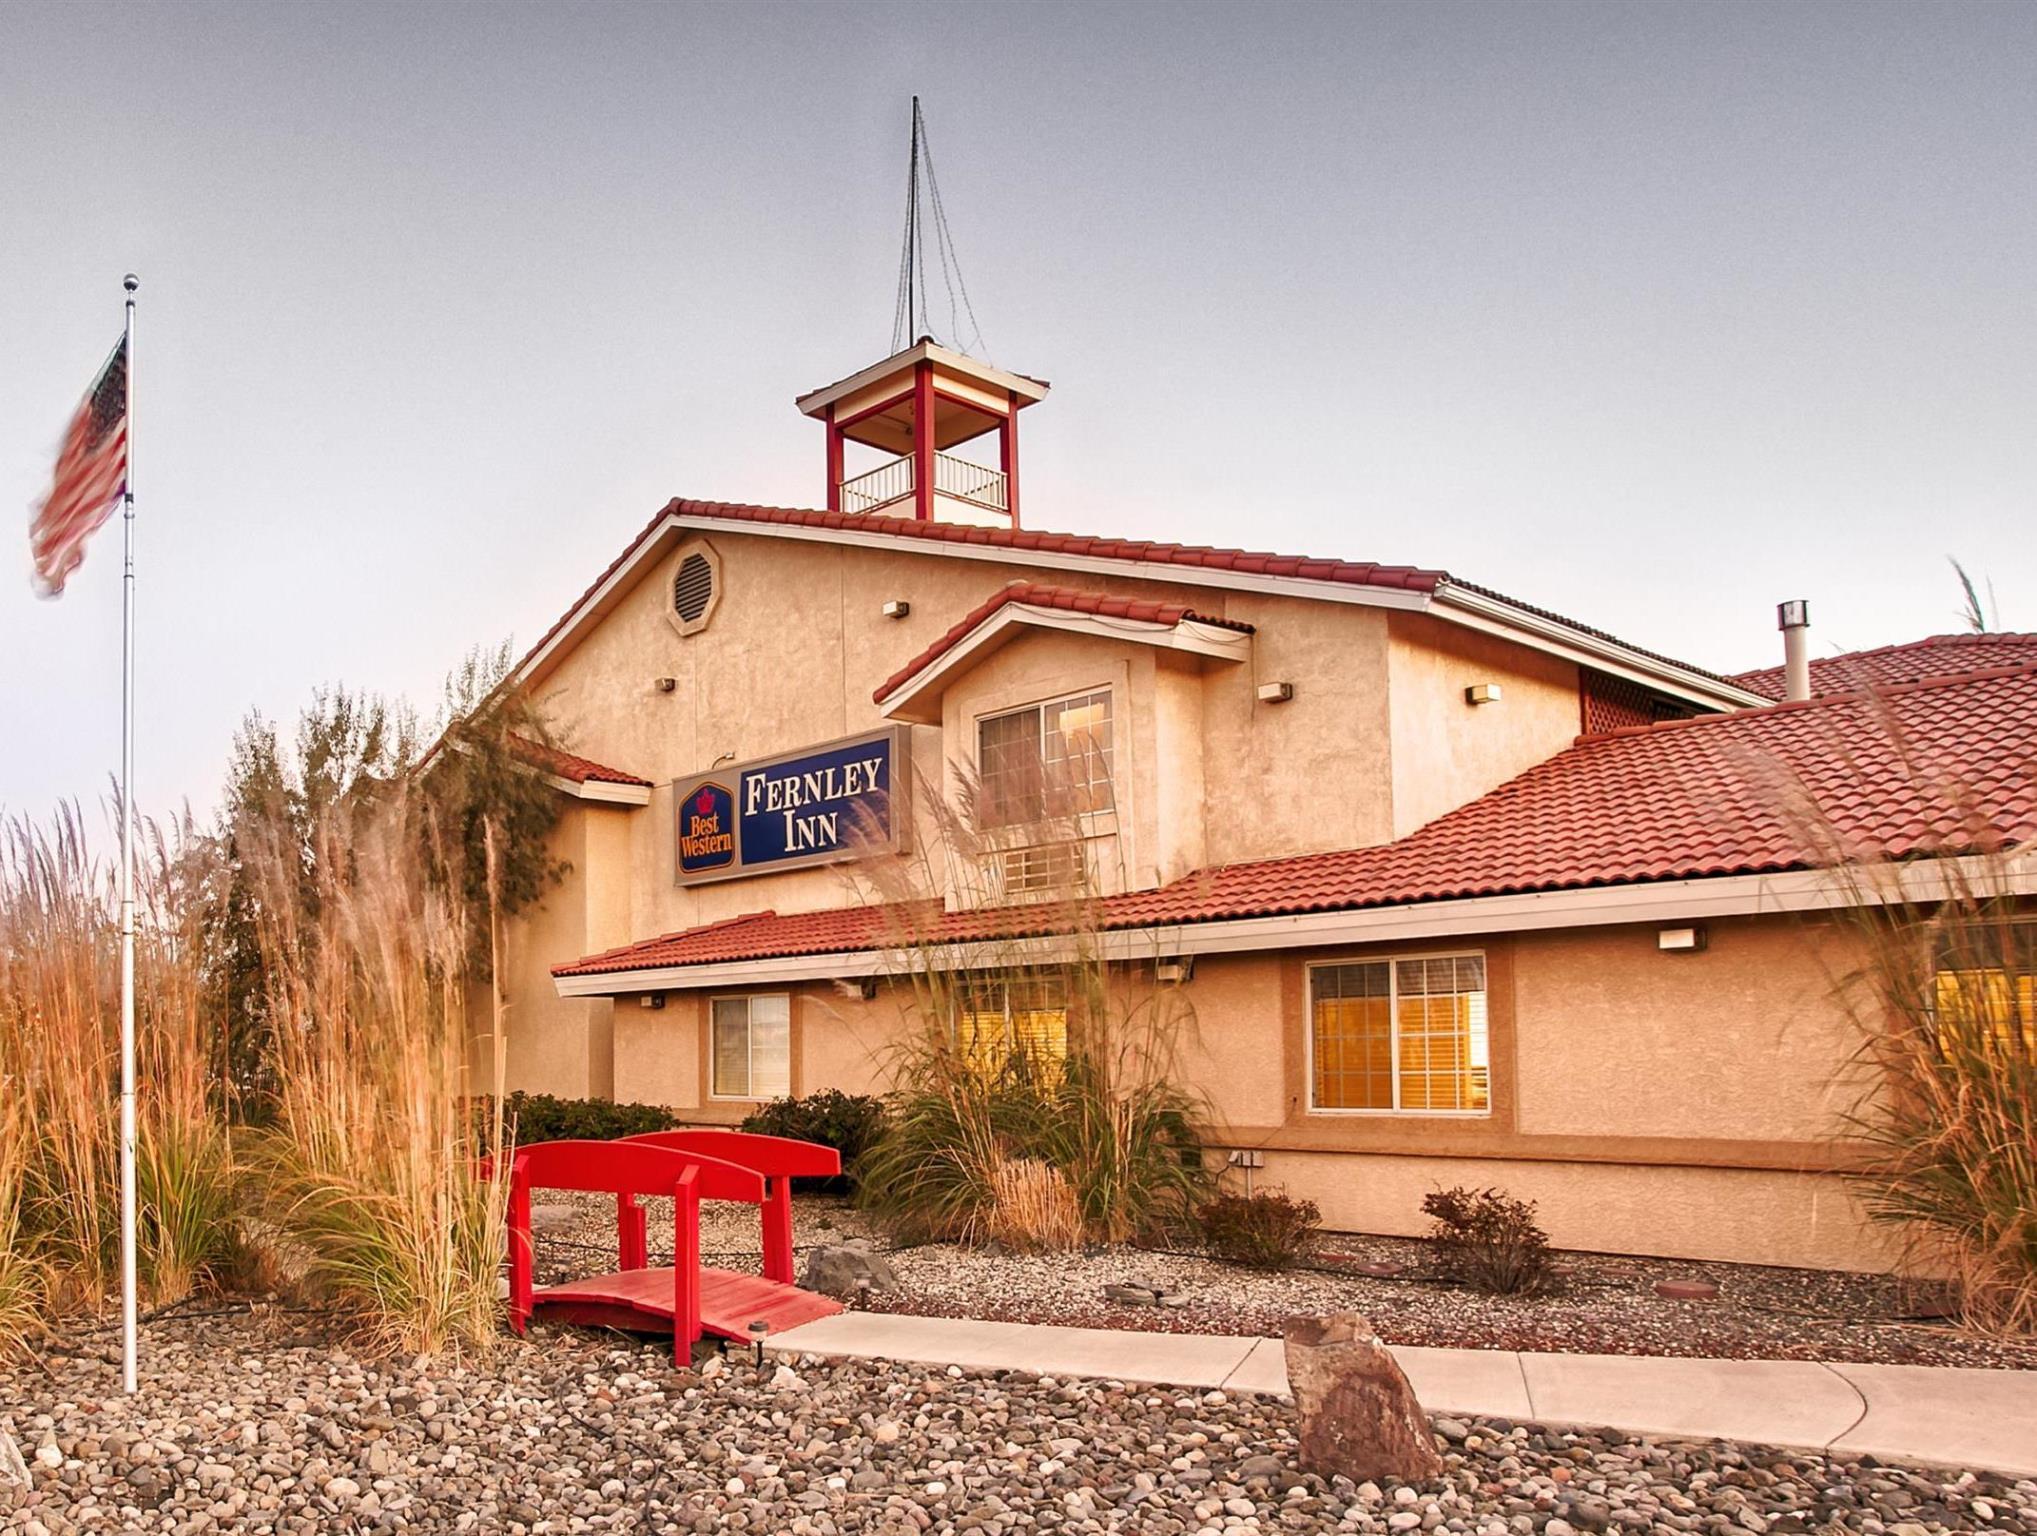 SureStay Hotel By Best Western Fernley